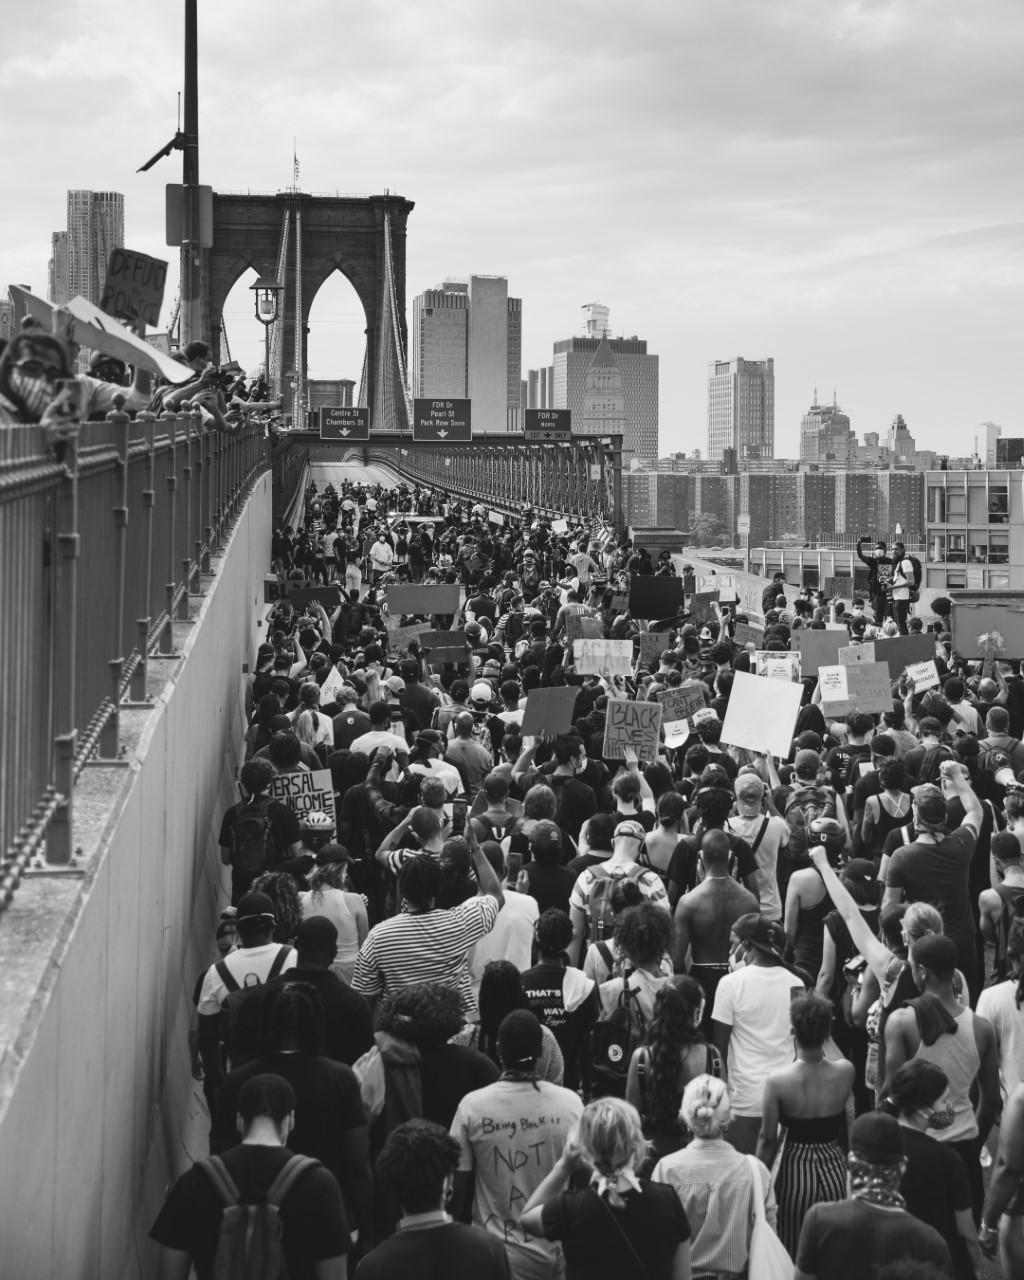 Fotografía en blanco y negro de manifestantes cruzando el Puente de Brooklyn